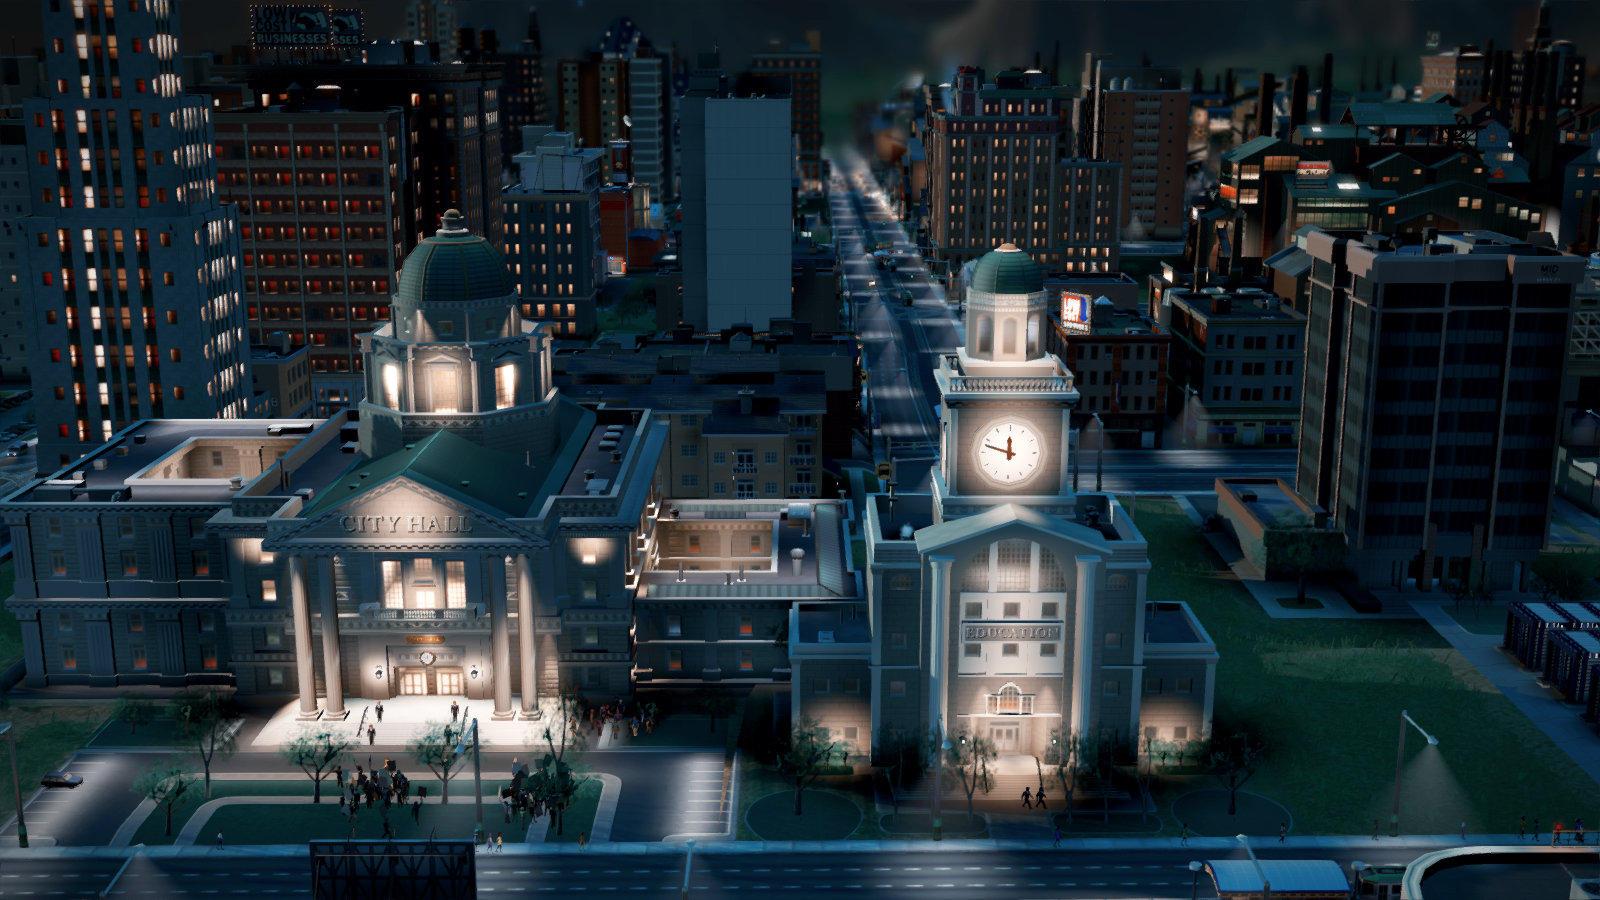 [Imagen]Imágenes de ciudades de Simcity BAXj6ykCAAANRF-